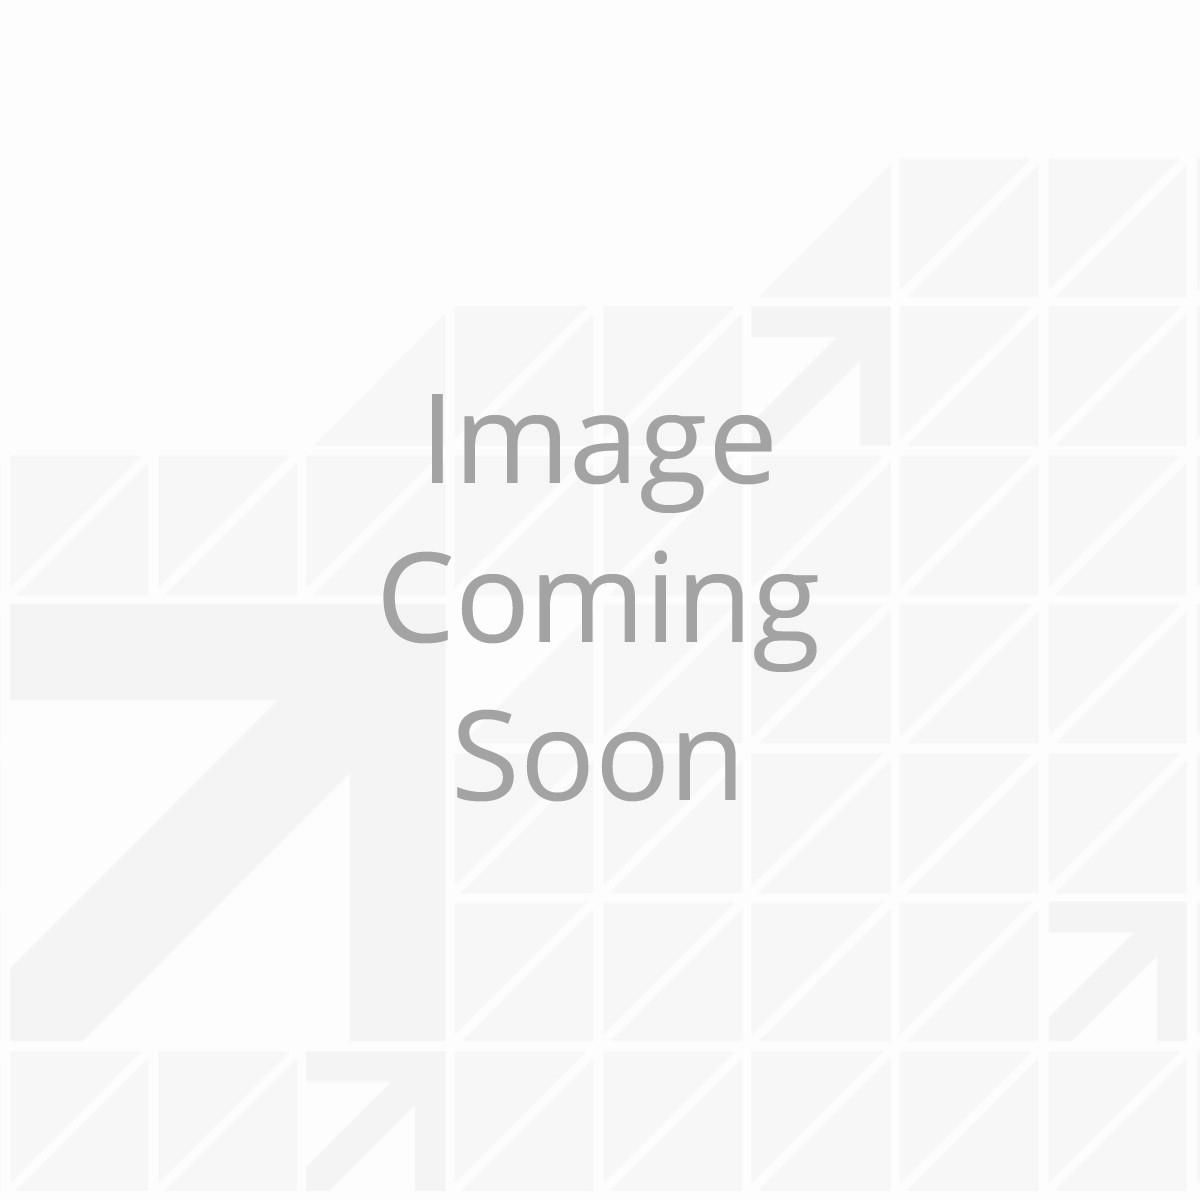 1917771_Power-Stab-Jack_001